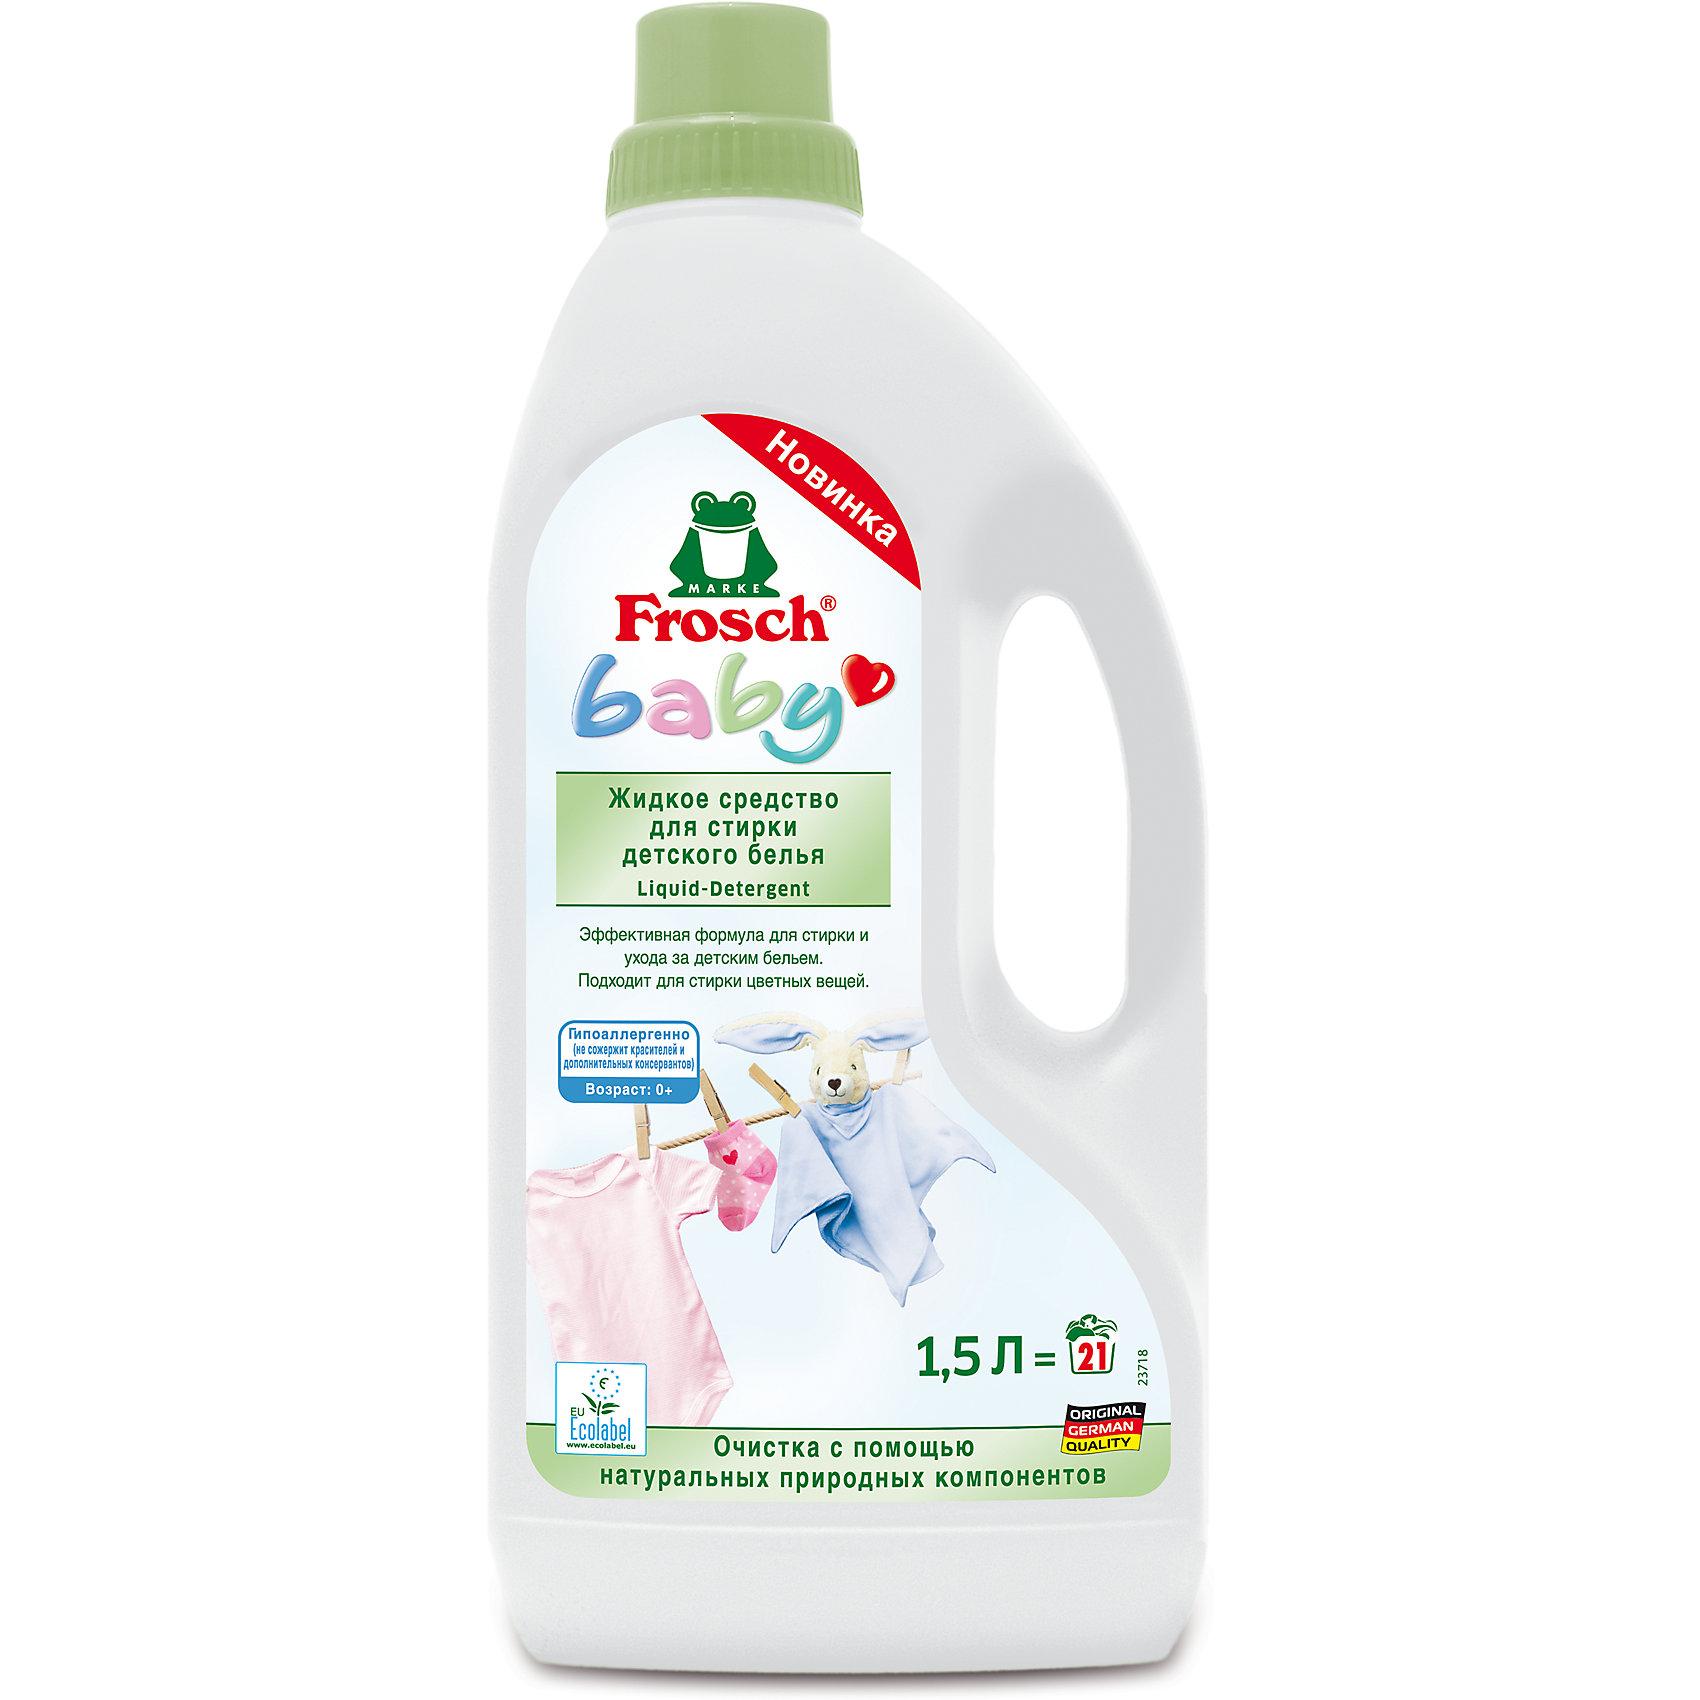 Жидкое средство для стирки детского белья, 1,5л, FroschБытовая химия<br>Характеристики товара:<br><br>• объем: 1500 мл<br>• упаковка: пластик<br>• страна бренда: Германия<br>• страна изготовитель: Германия<br><br>К детским очищающим средствам всегда предъявляются повышенные требования. Они должны полностью очищать ткань, заботиться о коже малыша и быть абсолютно безопасными. Детские средства для стирки должны смываться водой без единого остатка, а так же быть гипоаллергенными. <br><br>Кроме того, важна экономичность упаковки. Материалы, использованные при изготовлении товара, сертифицированы и отвечают всем международным требованиям по качеству. <br><br>Жидкое средство для стирки детского белья, 1,5 л, от немецкого производителя Frosch (Фрош) можно приобрести в нашем интернет-магазине.<br><br>Ширина мм: 120<br>Глубина мм: 70<br>Высота мм: 285<br>Вес г: 1640<br>Возраст от месяцев: 216<br>Возраст до месяцев: 1188<br>Пол: Унисекс<br>Возраст: Детский<br>SKU: 5185745